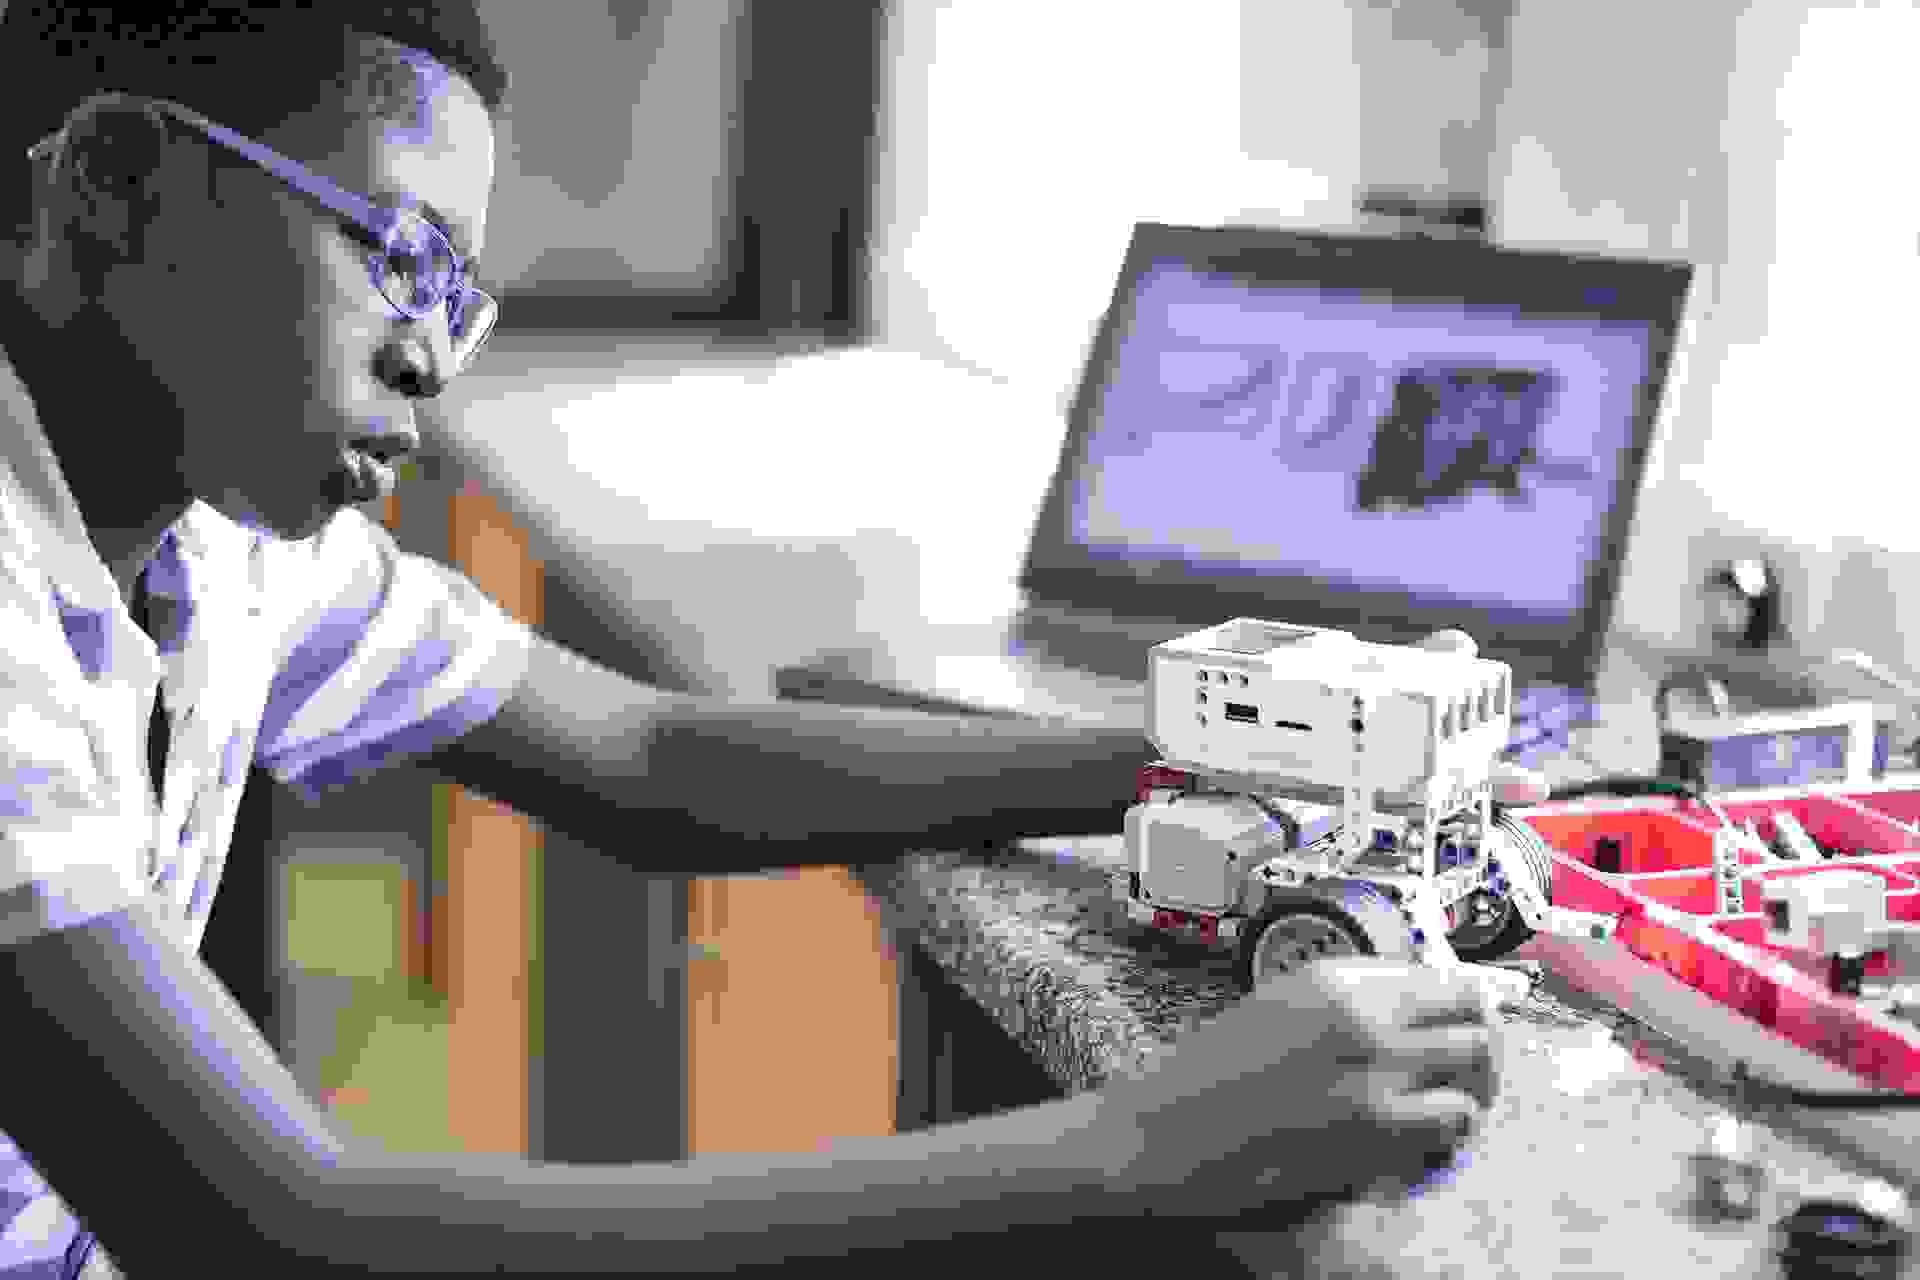 ليغو مايندستورمز أي في3 LEGO Mindstorms EV3